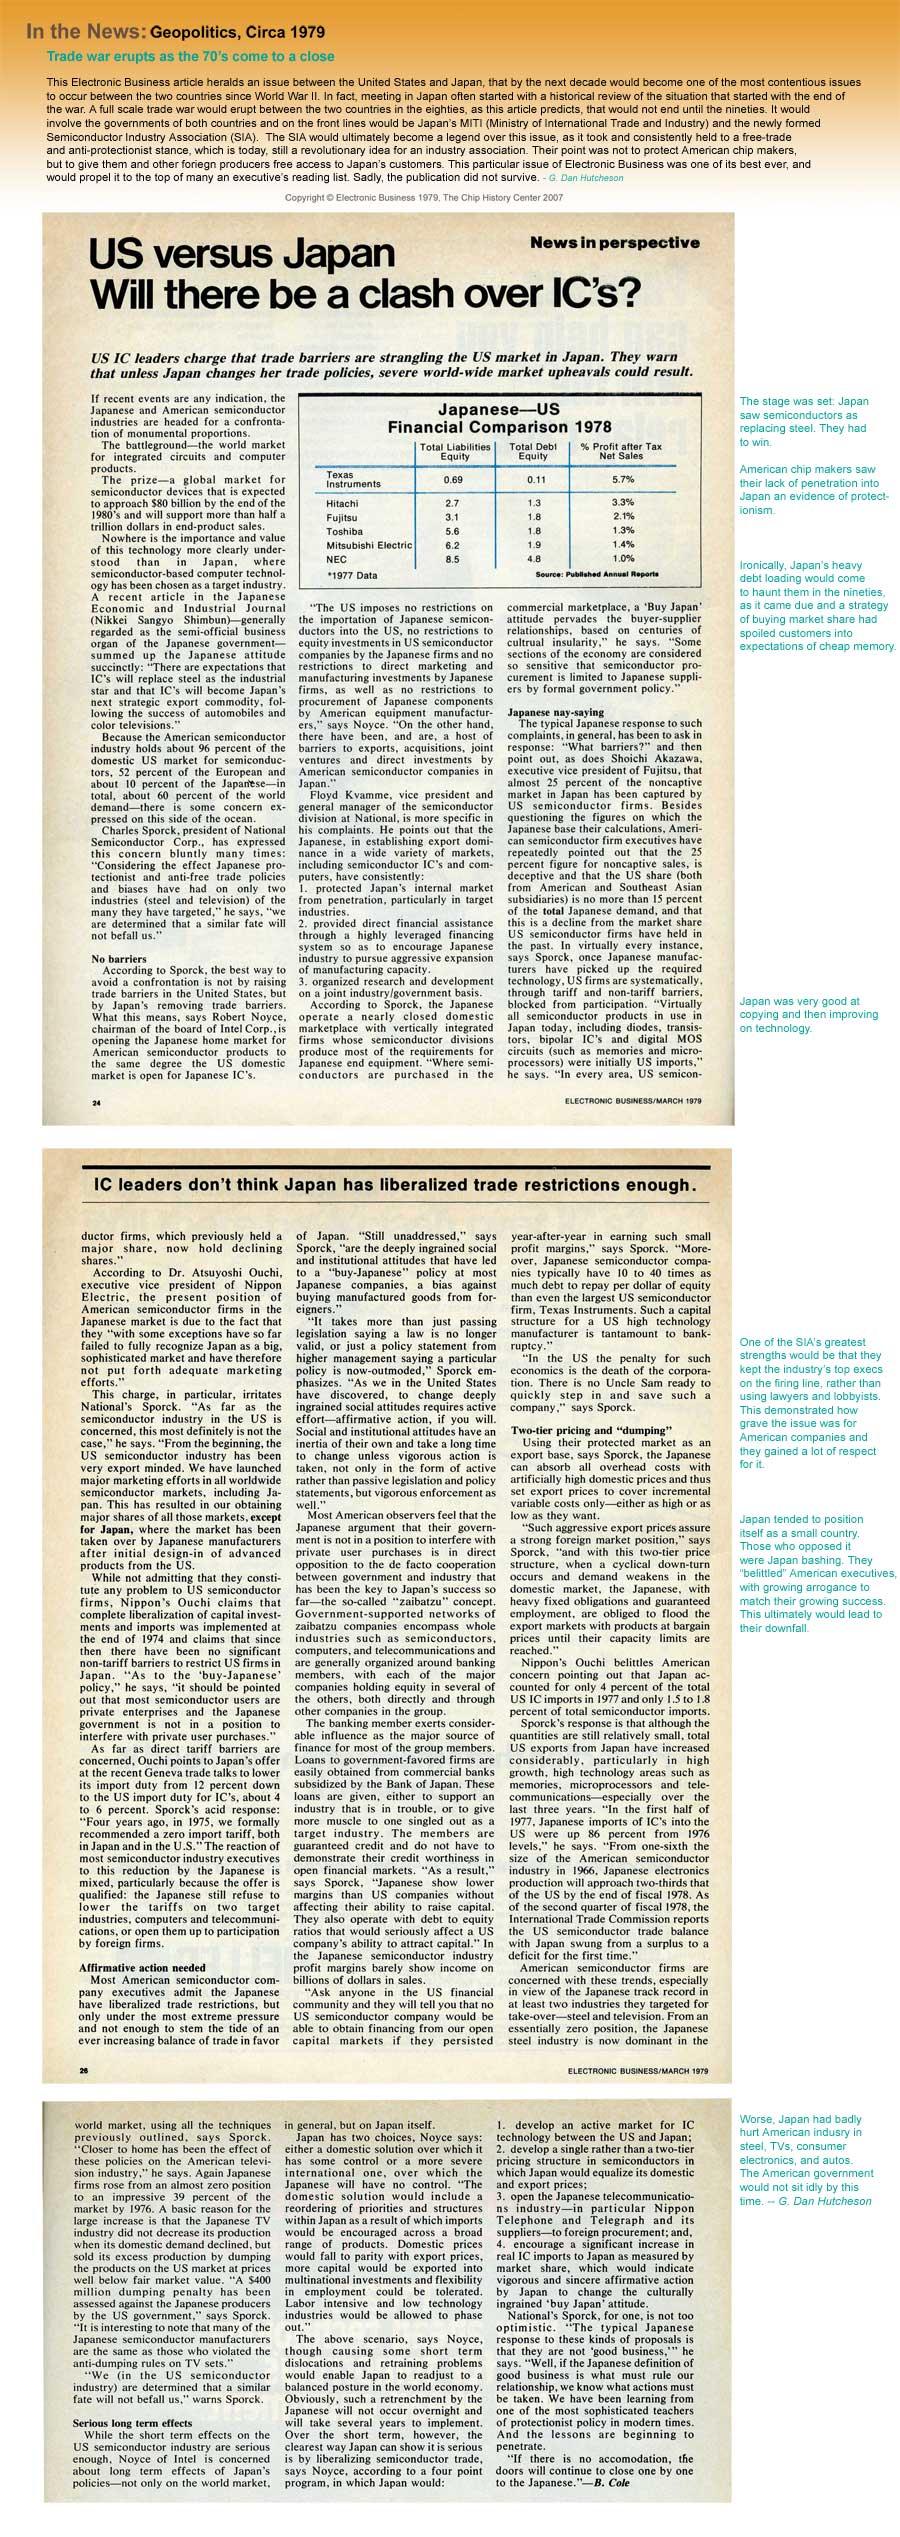 In the News: Geopolitics, Circa 1979